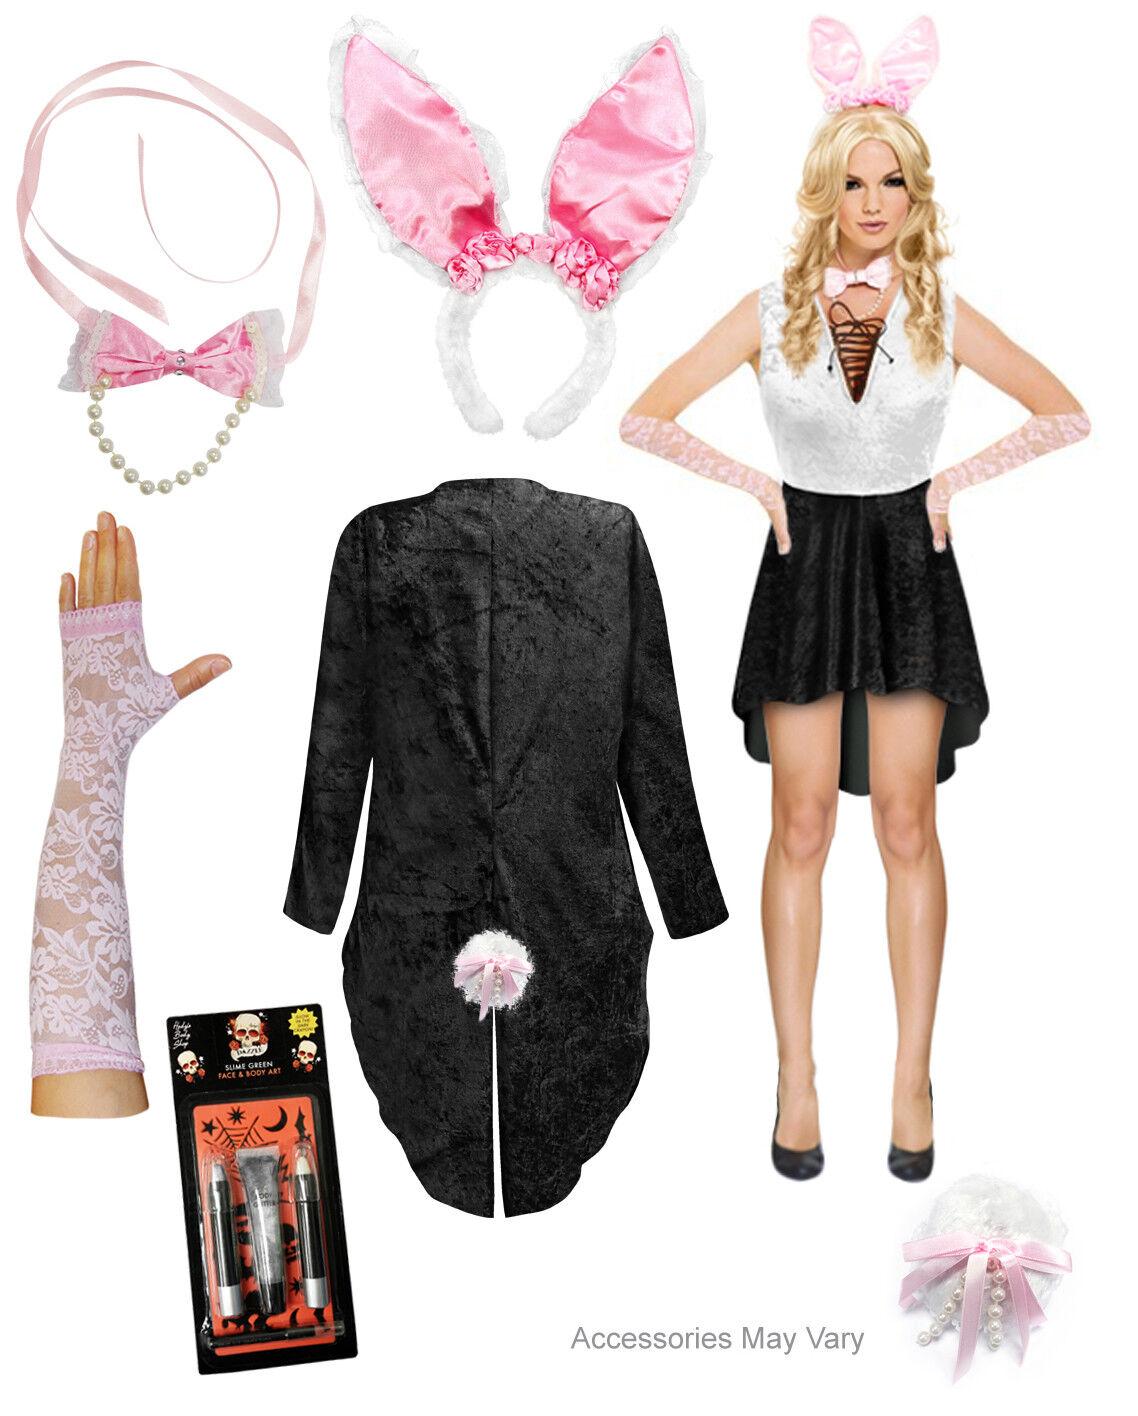 Sexy Plus Taille Playboy Bunny Costume grand XL 1x 2x 3x 4x 5x 6x 7x 8x 9x